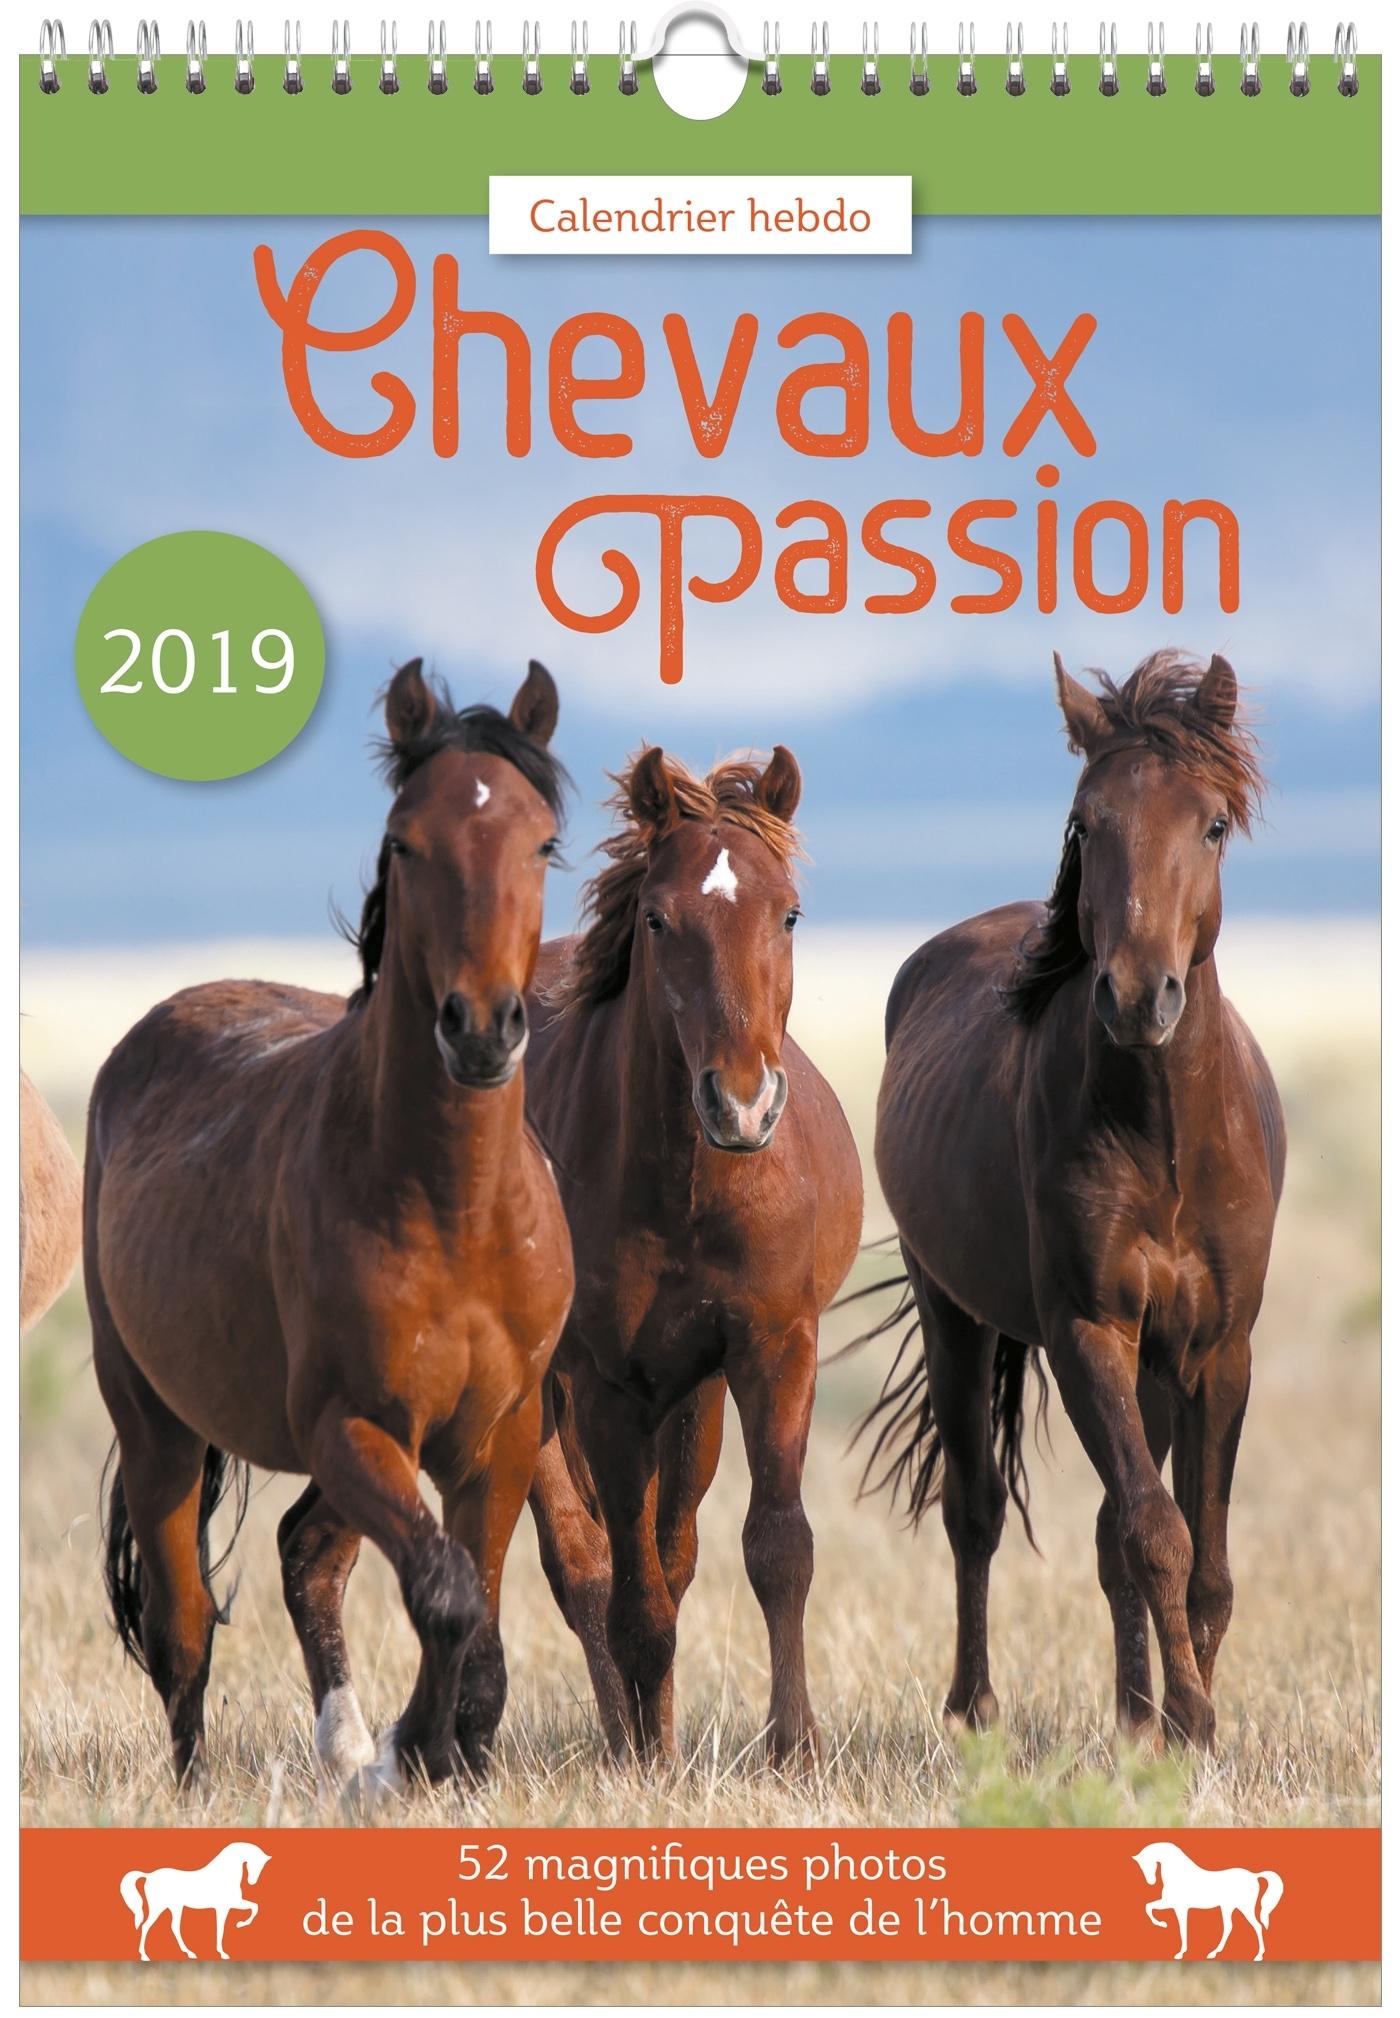 CALENDRIER HEBDO CHEVAUX PASSION 2019